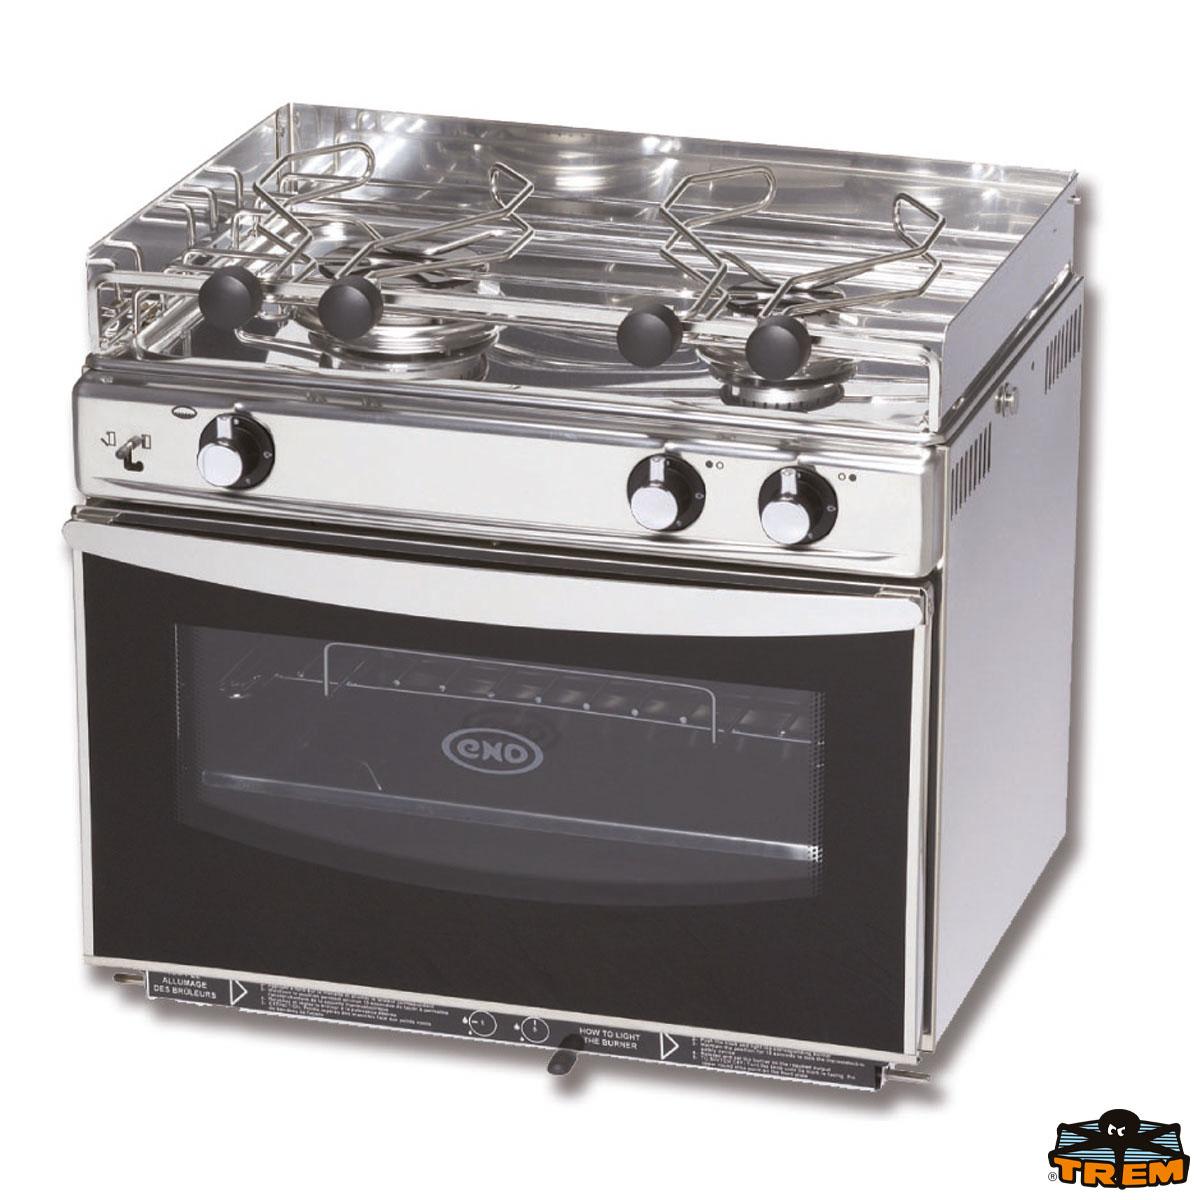 Cucina 2 Fuochi/forno Inox U0027grand Largeu0027